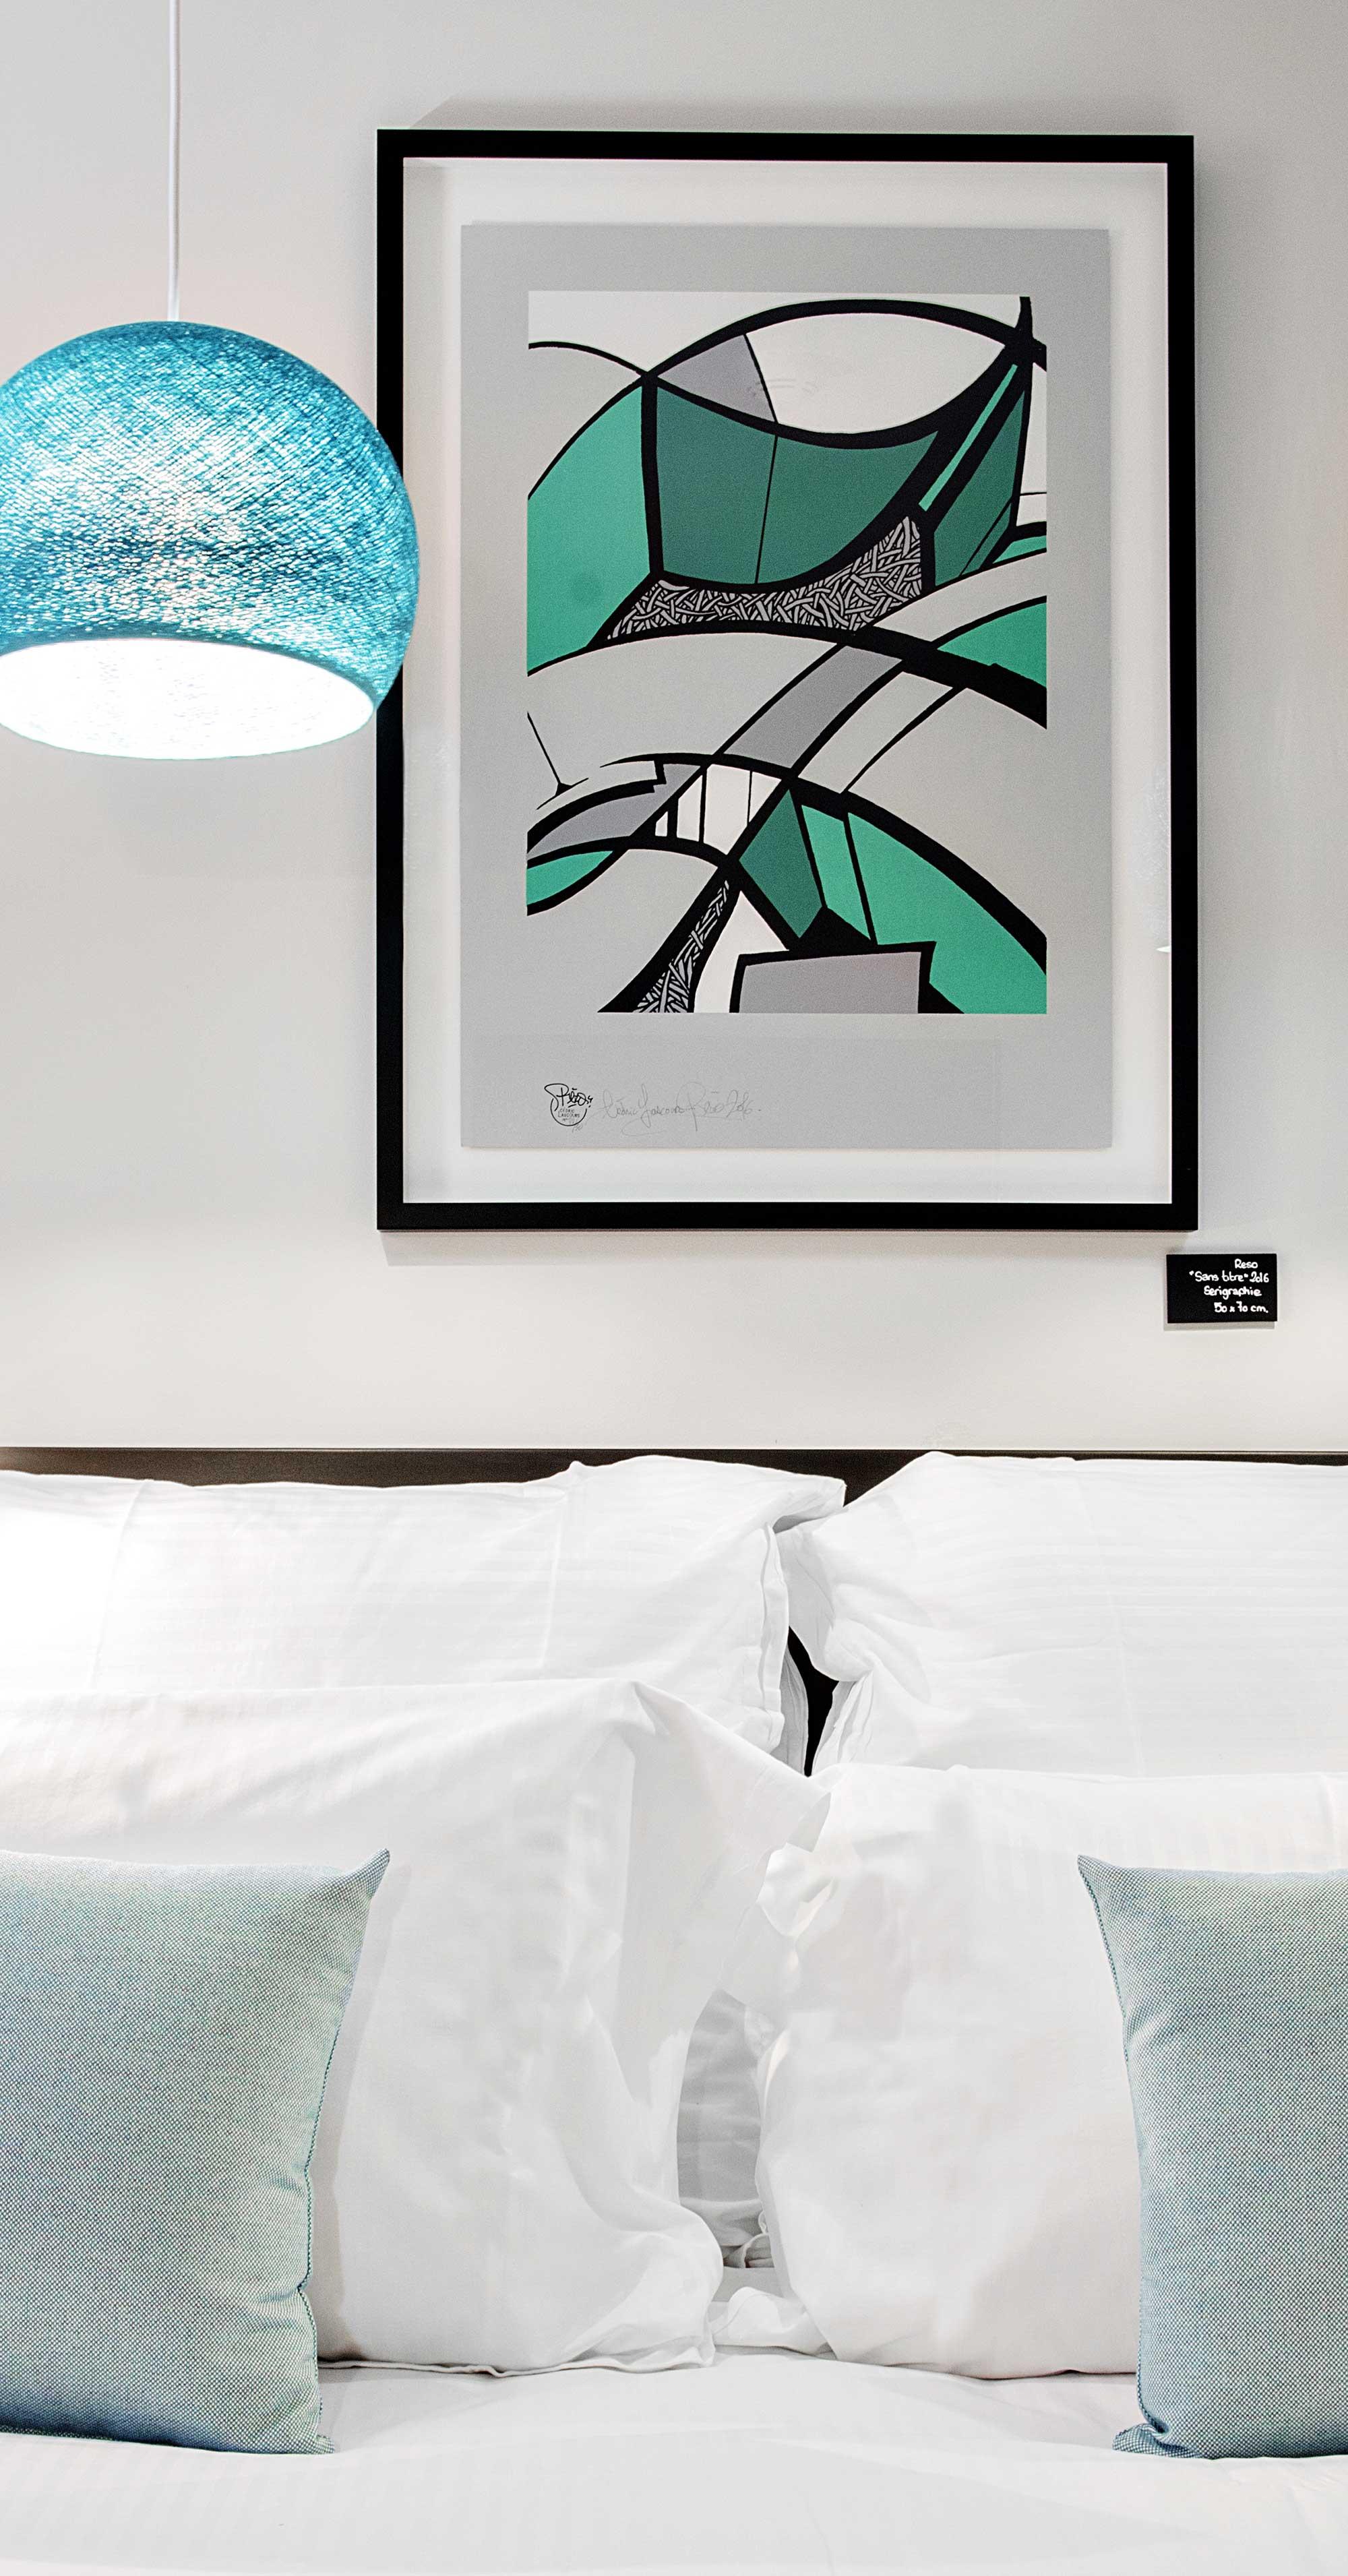 Toile sérigraphié couleur de bleu turquoise, verts, blancs et gris en guise de tête de lit